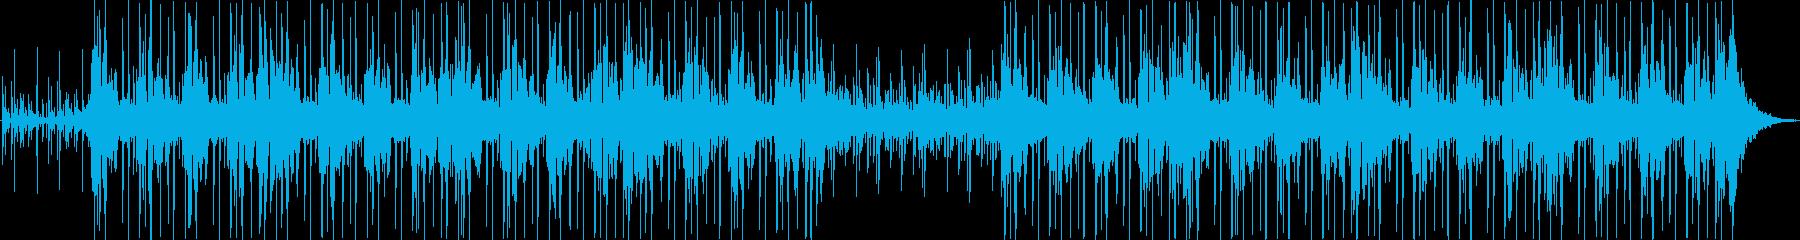 シンセサイザー、ストリングス、ピア...の再生済みの波形